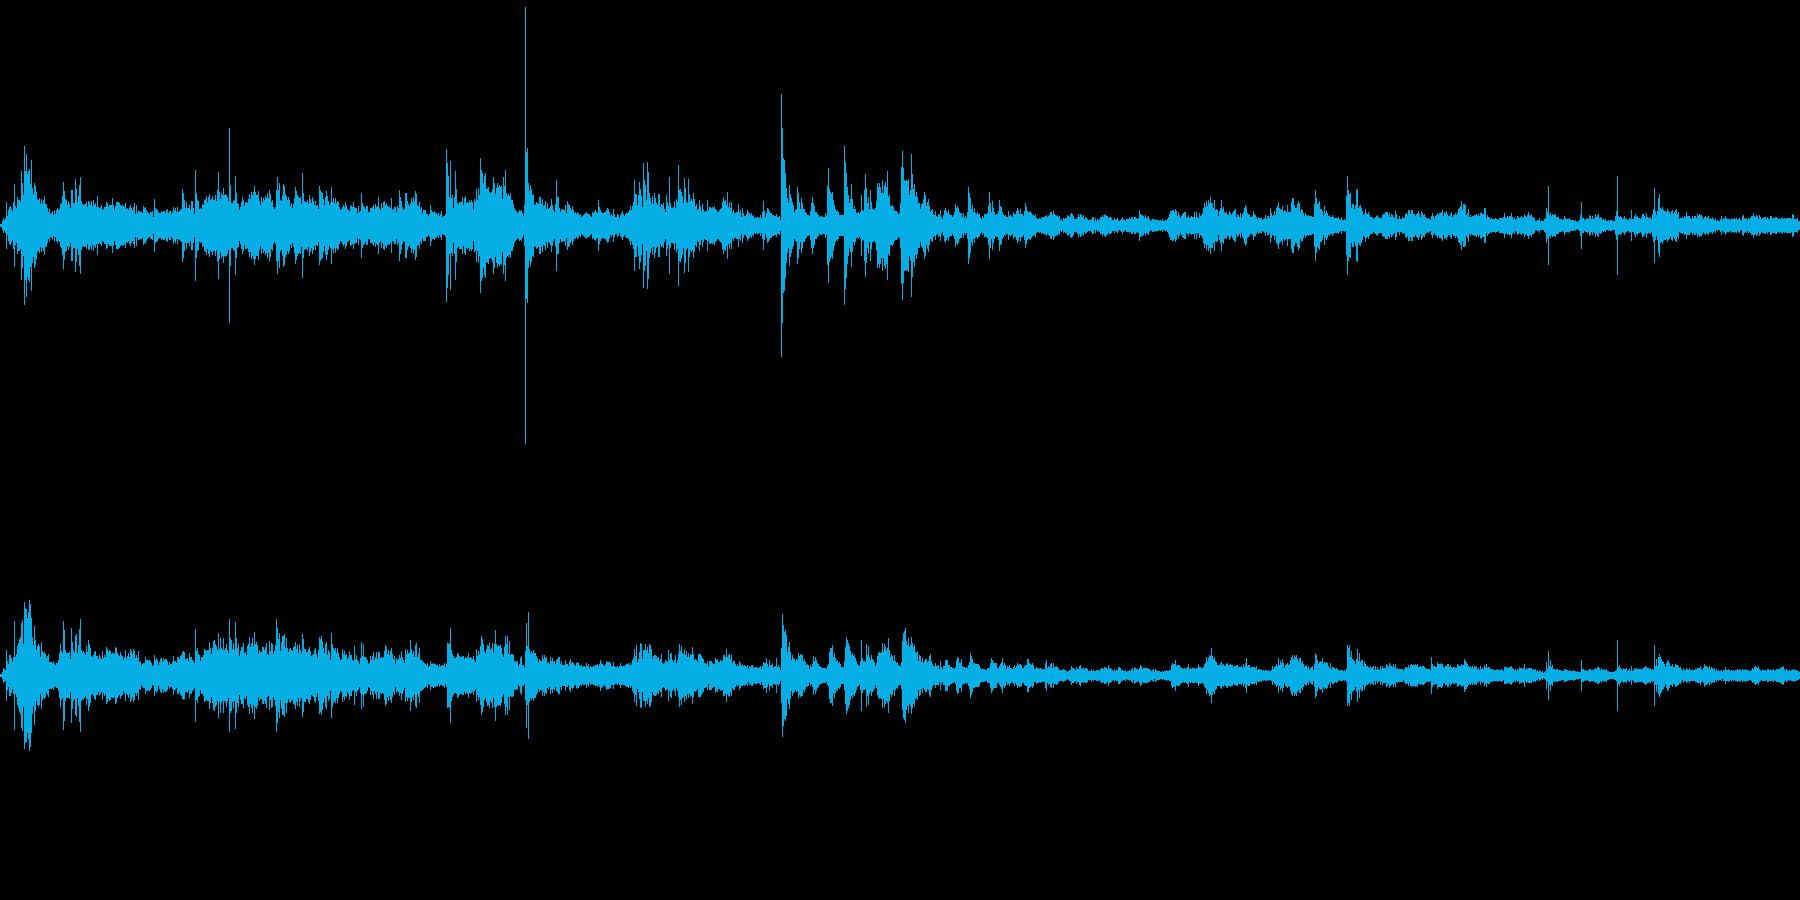 空港ロビー(環境音)の再生済みの波形